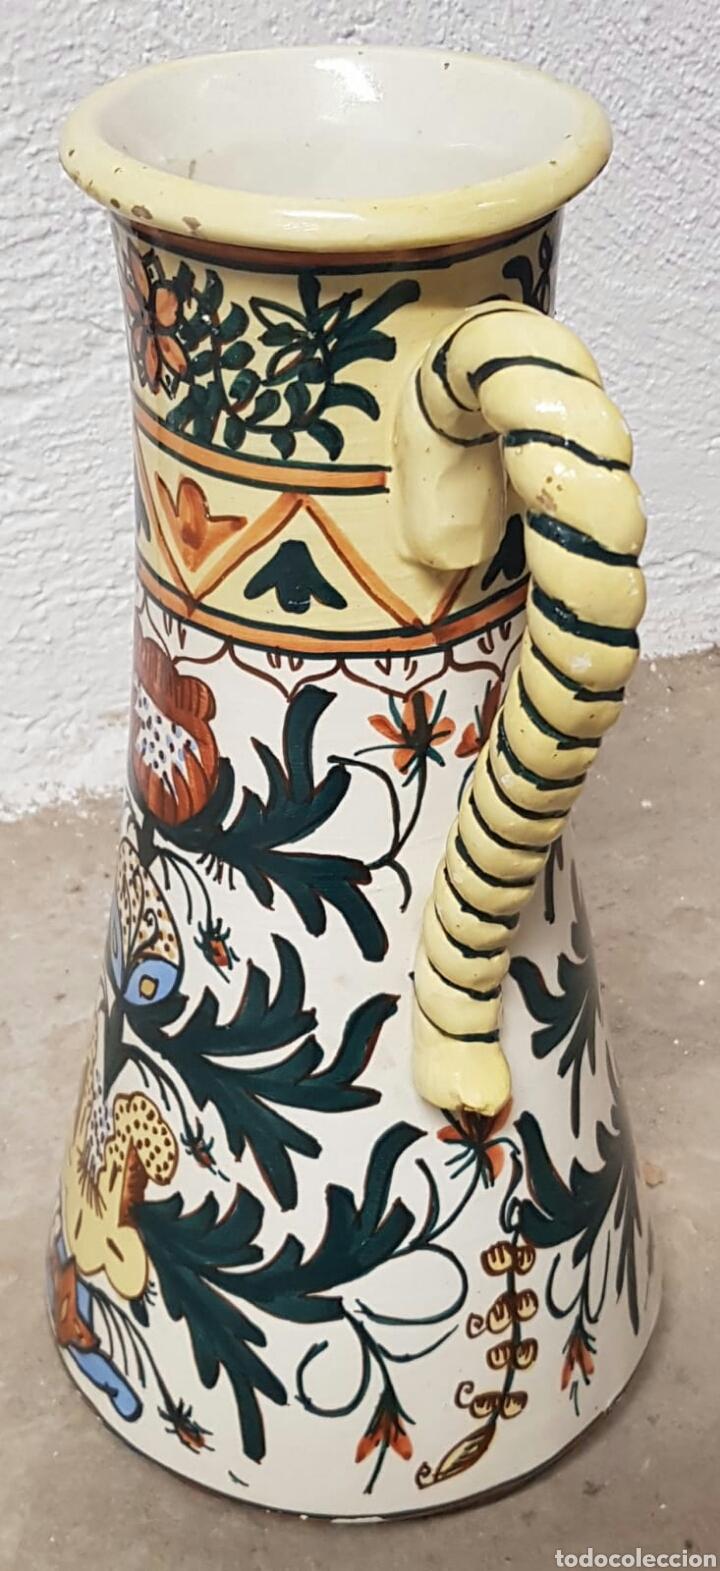 Antigüedades: Singular pieza de cerámica o porcelana vidriada procedencia desconocida - Foto 7 - 166491733